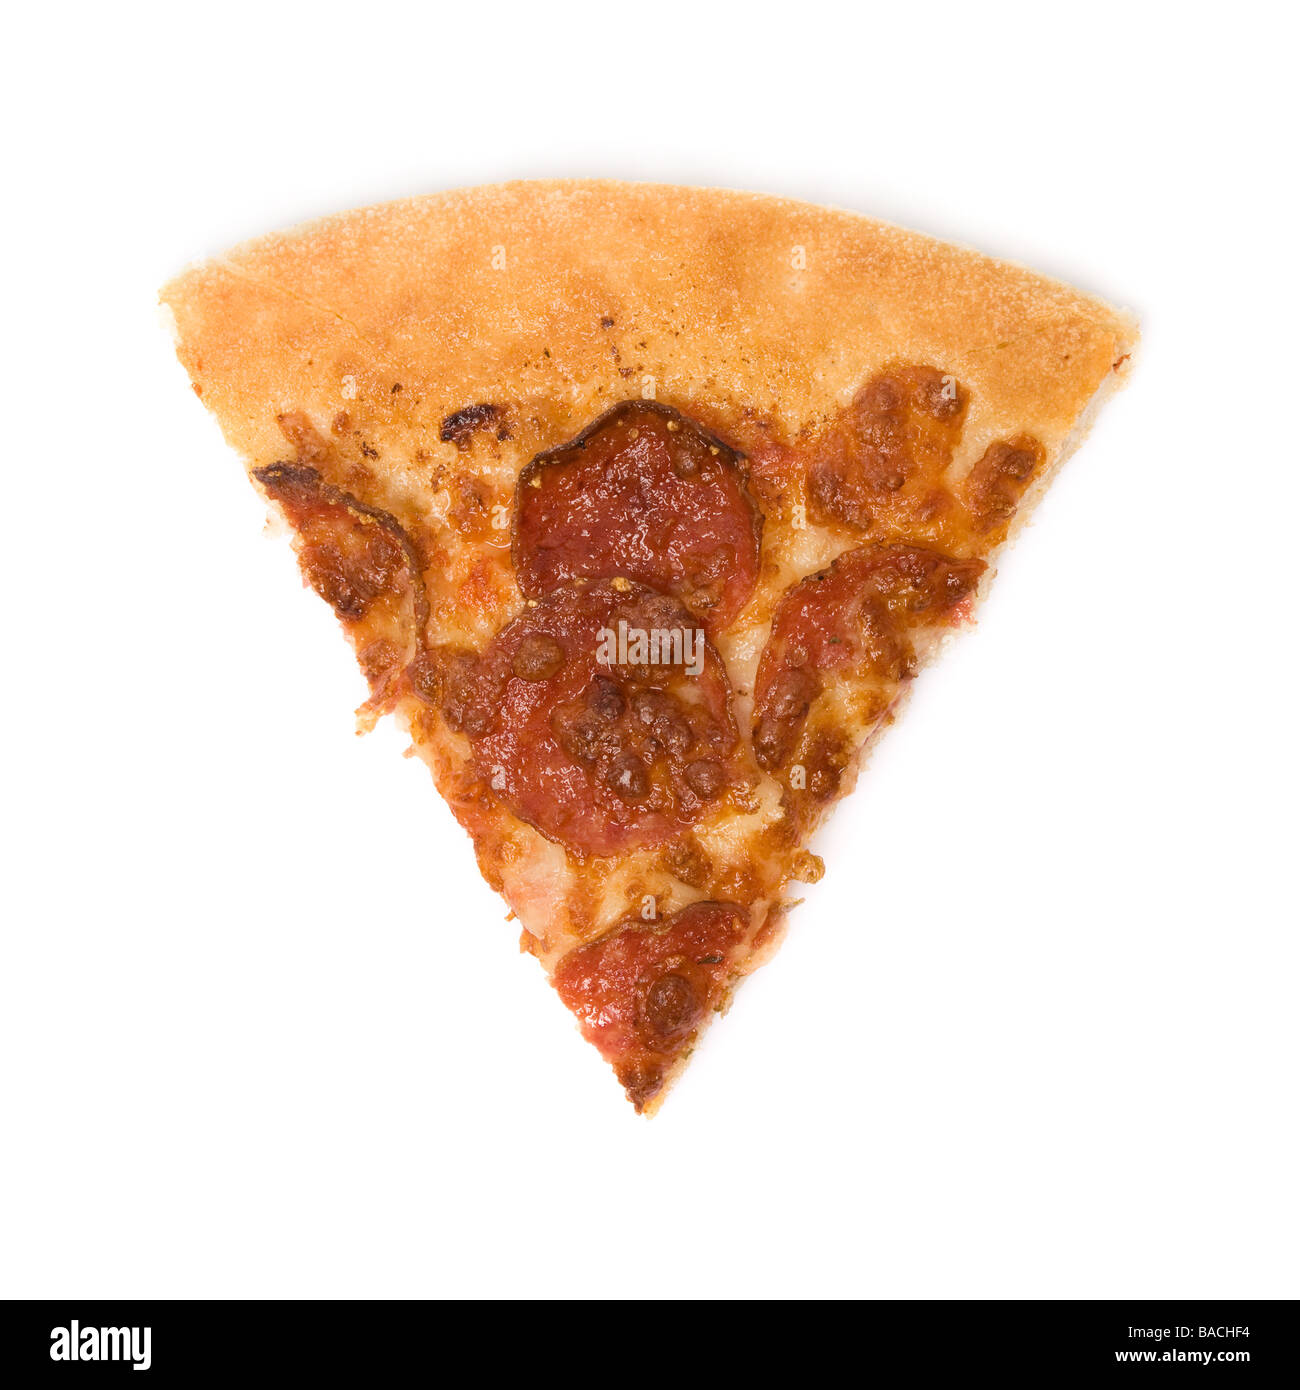 Salsiccia per pizza pizza slice isolati su sfondo bianco Immagini Stock